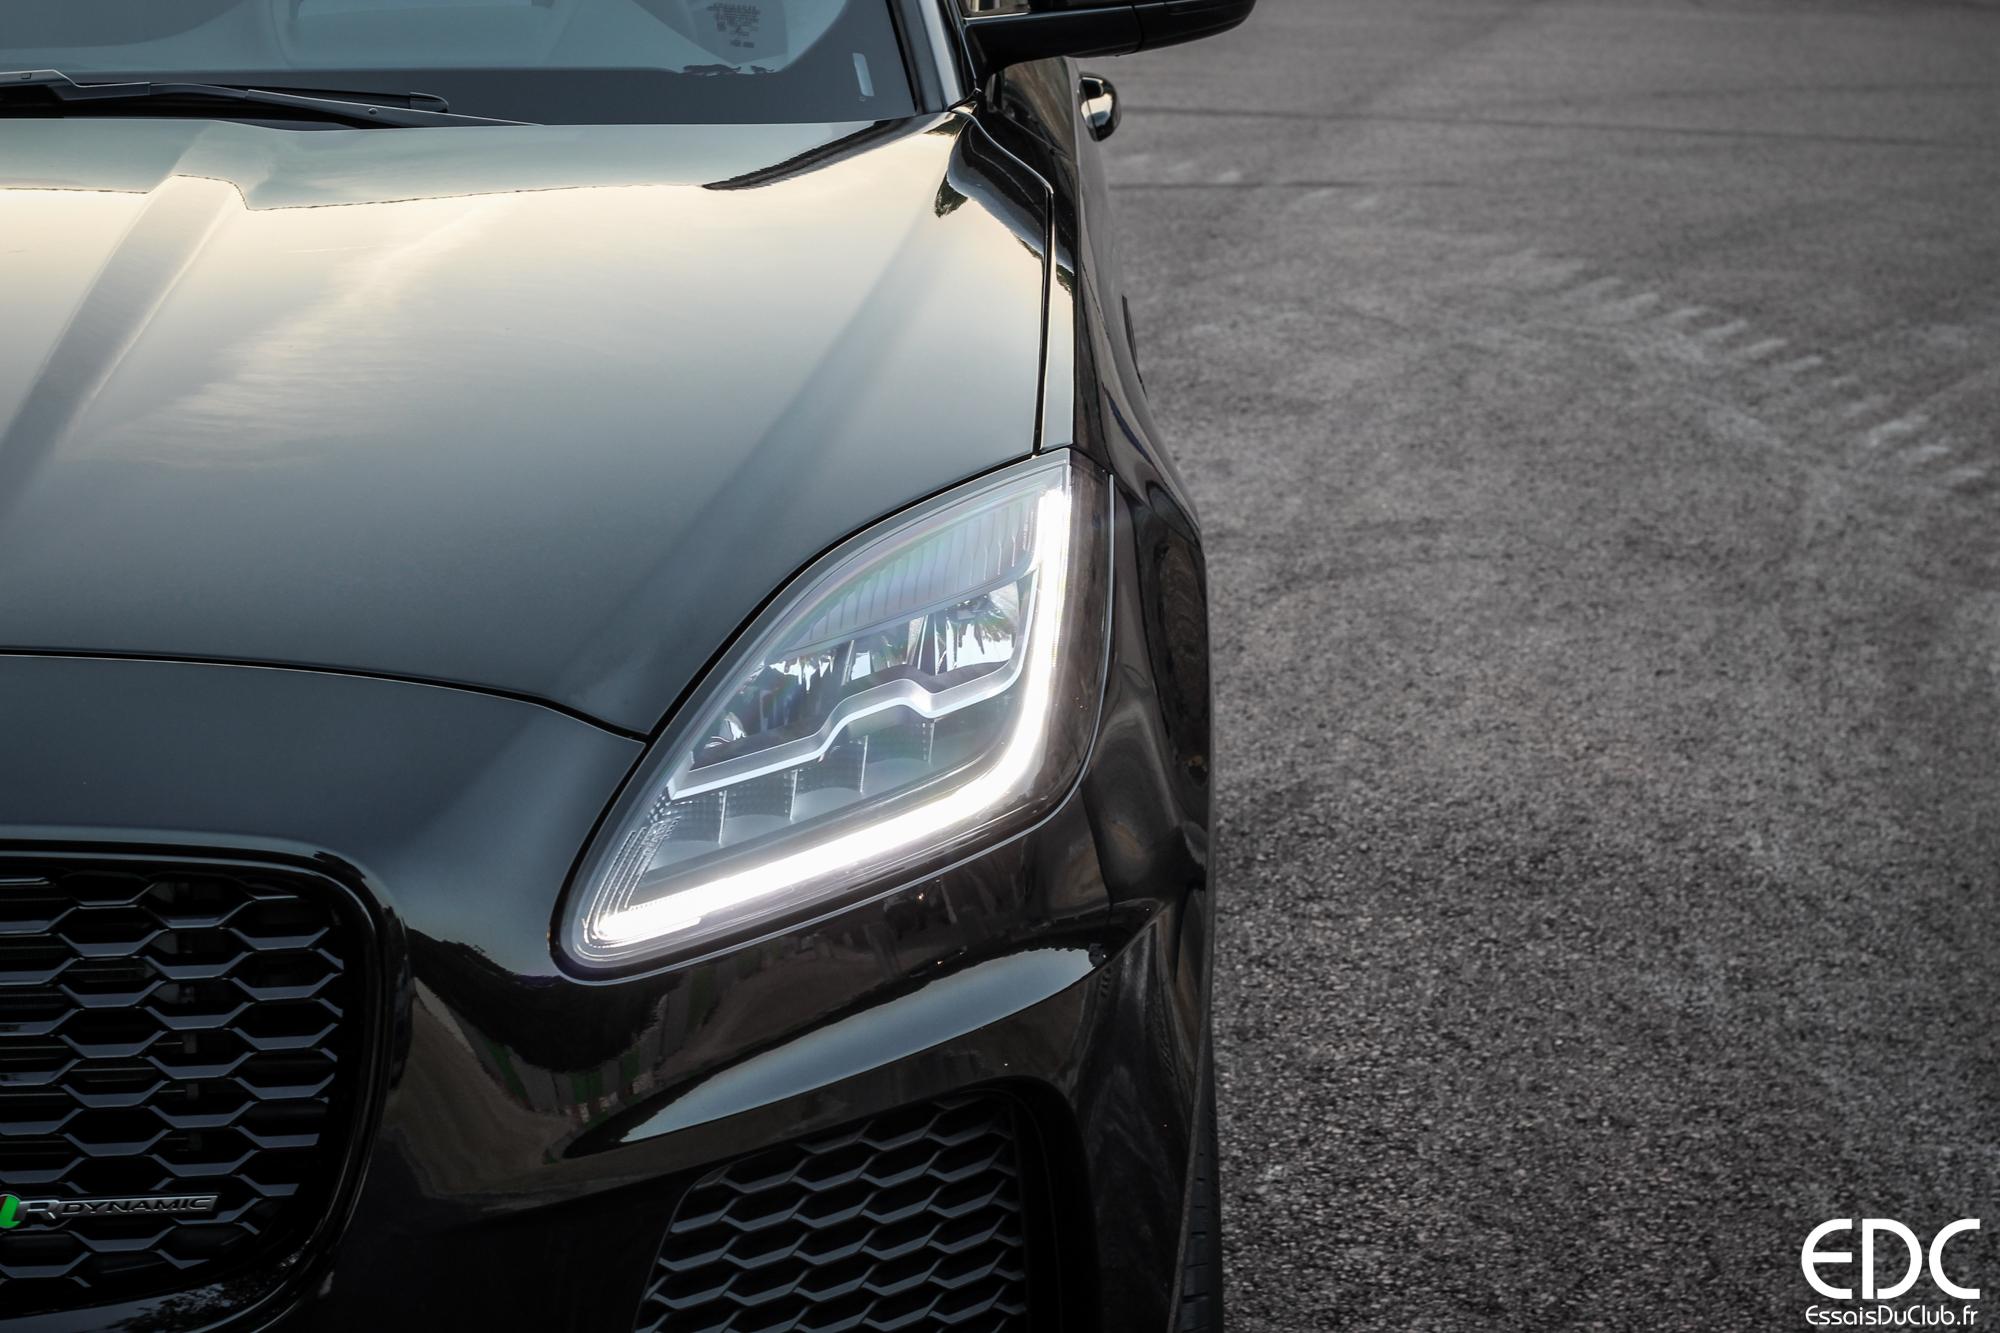 Jaguar E-PACE phare